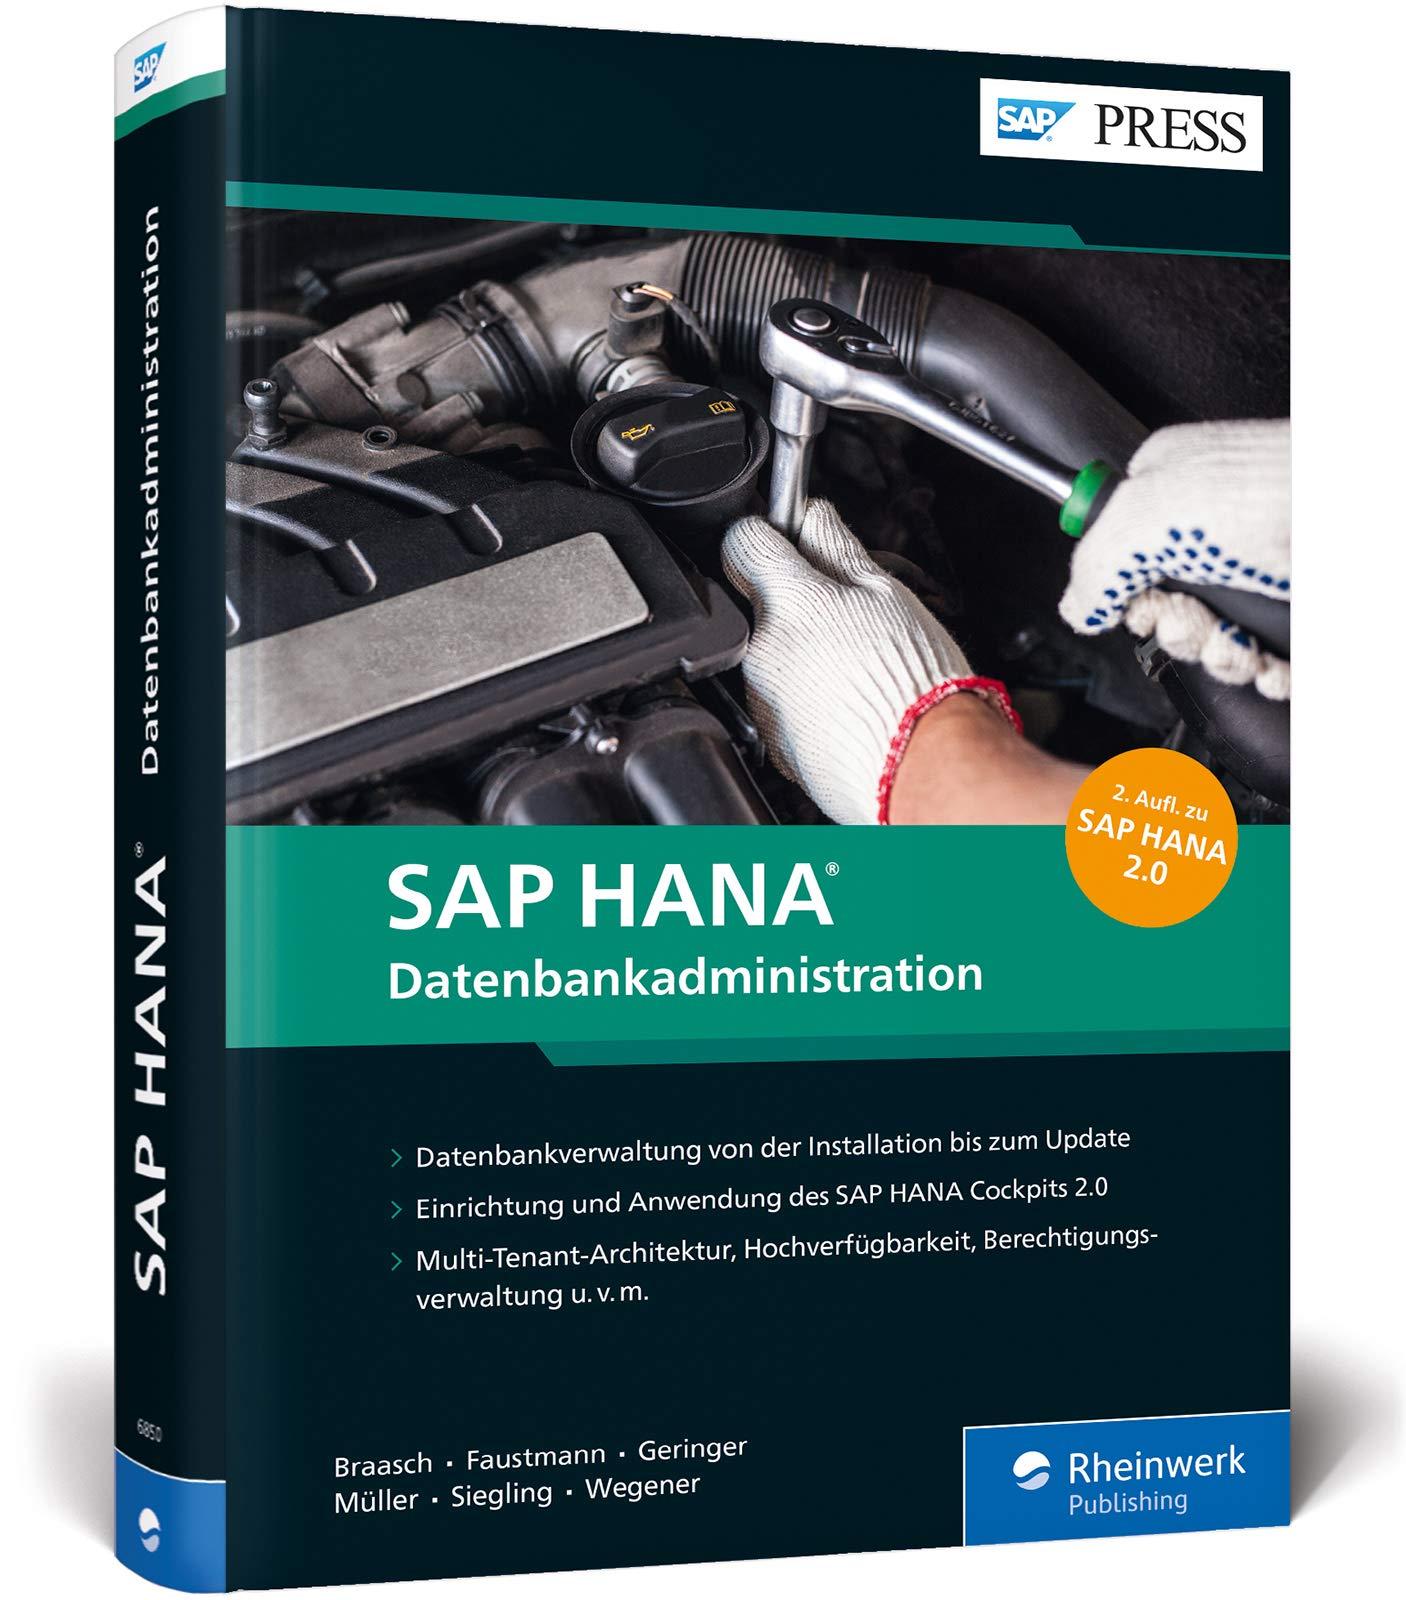 SAP HANA – Datenbankadministration  Ihr Umfassendes Handbuch Für SAP HANA 2.0  SAP PRESS